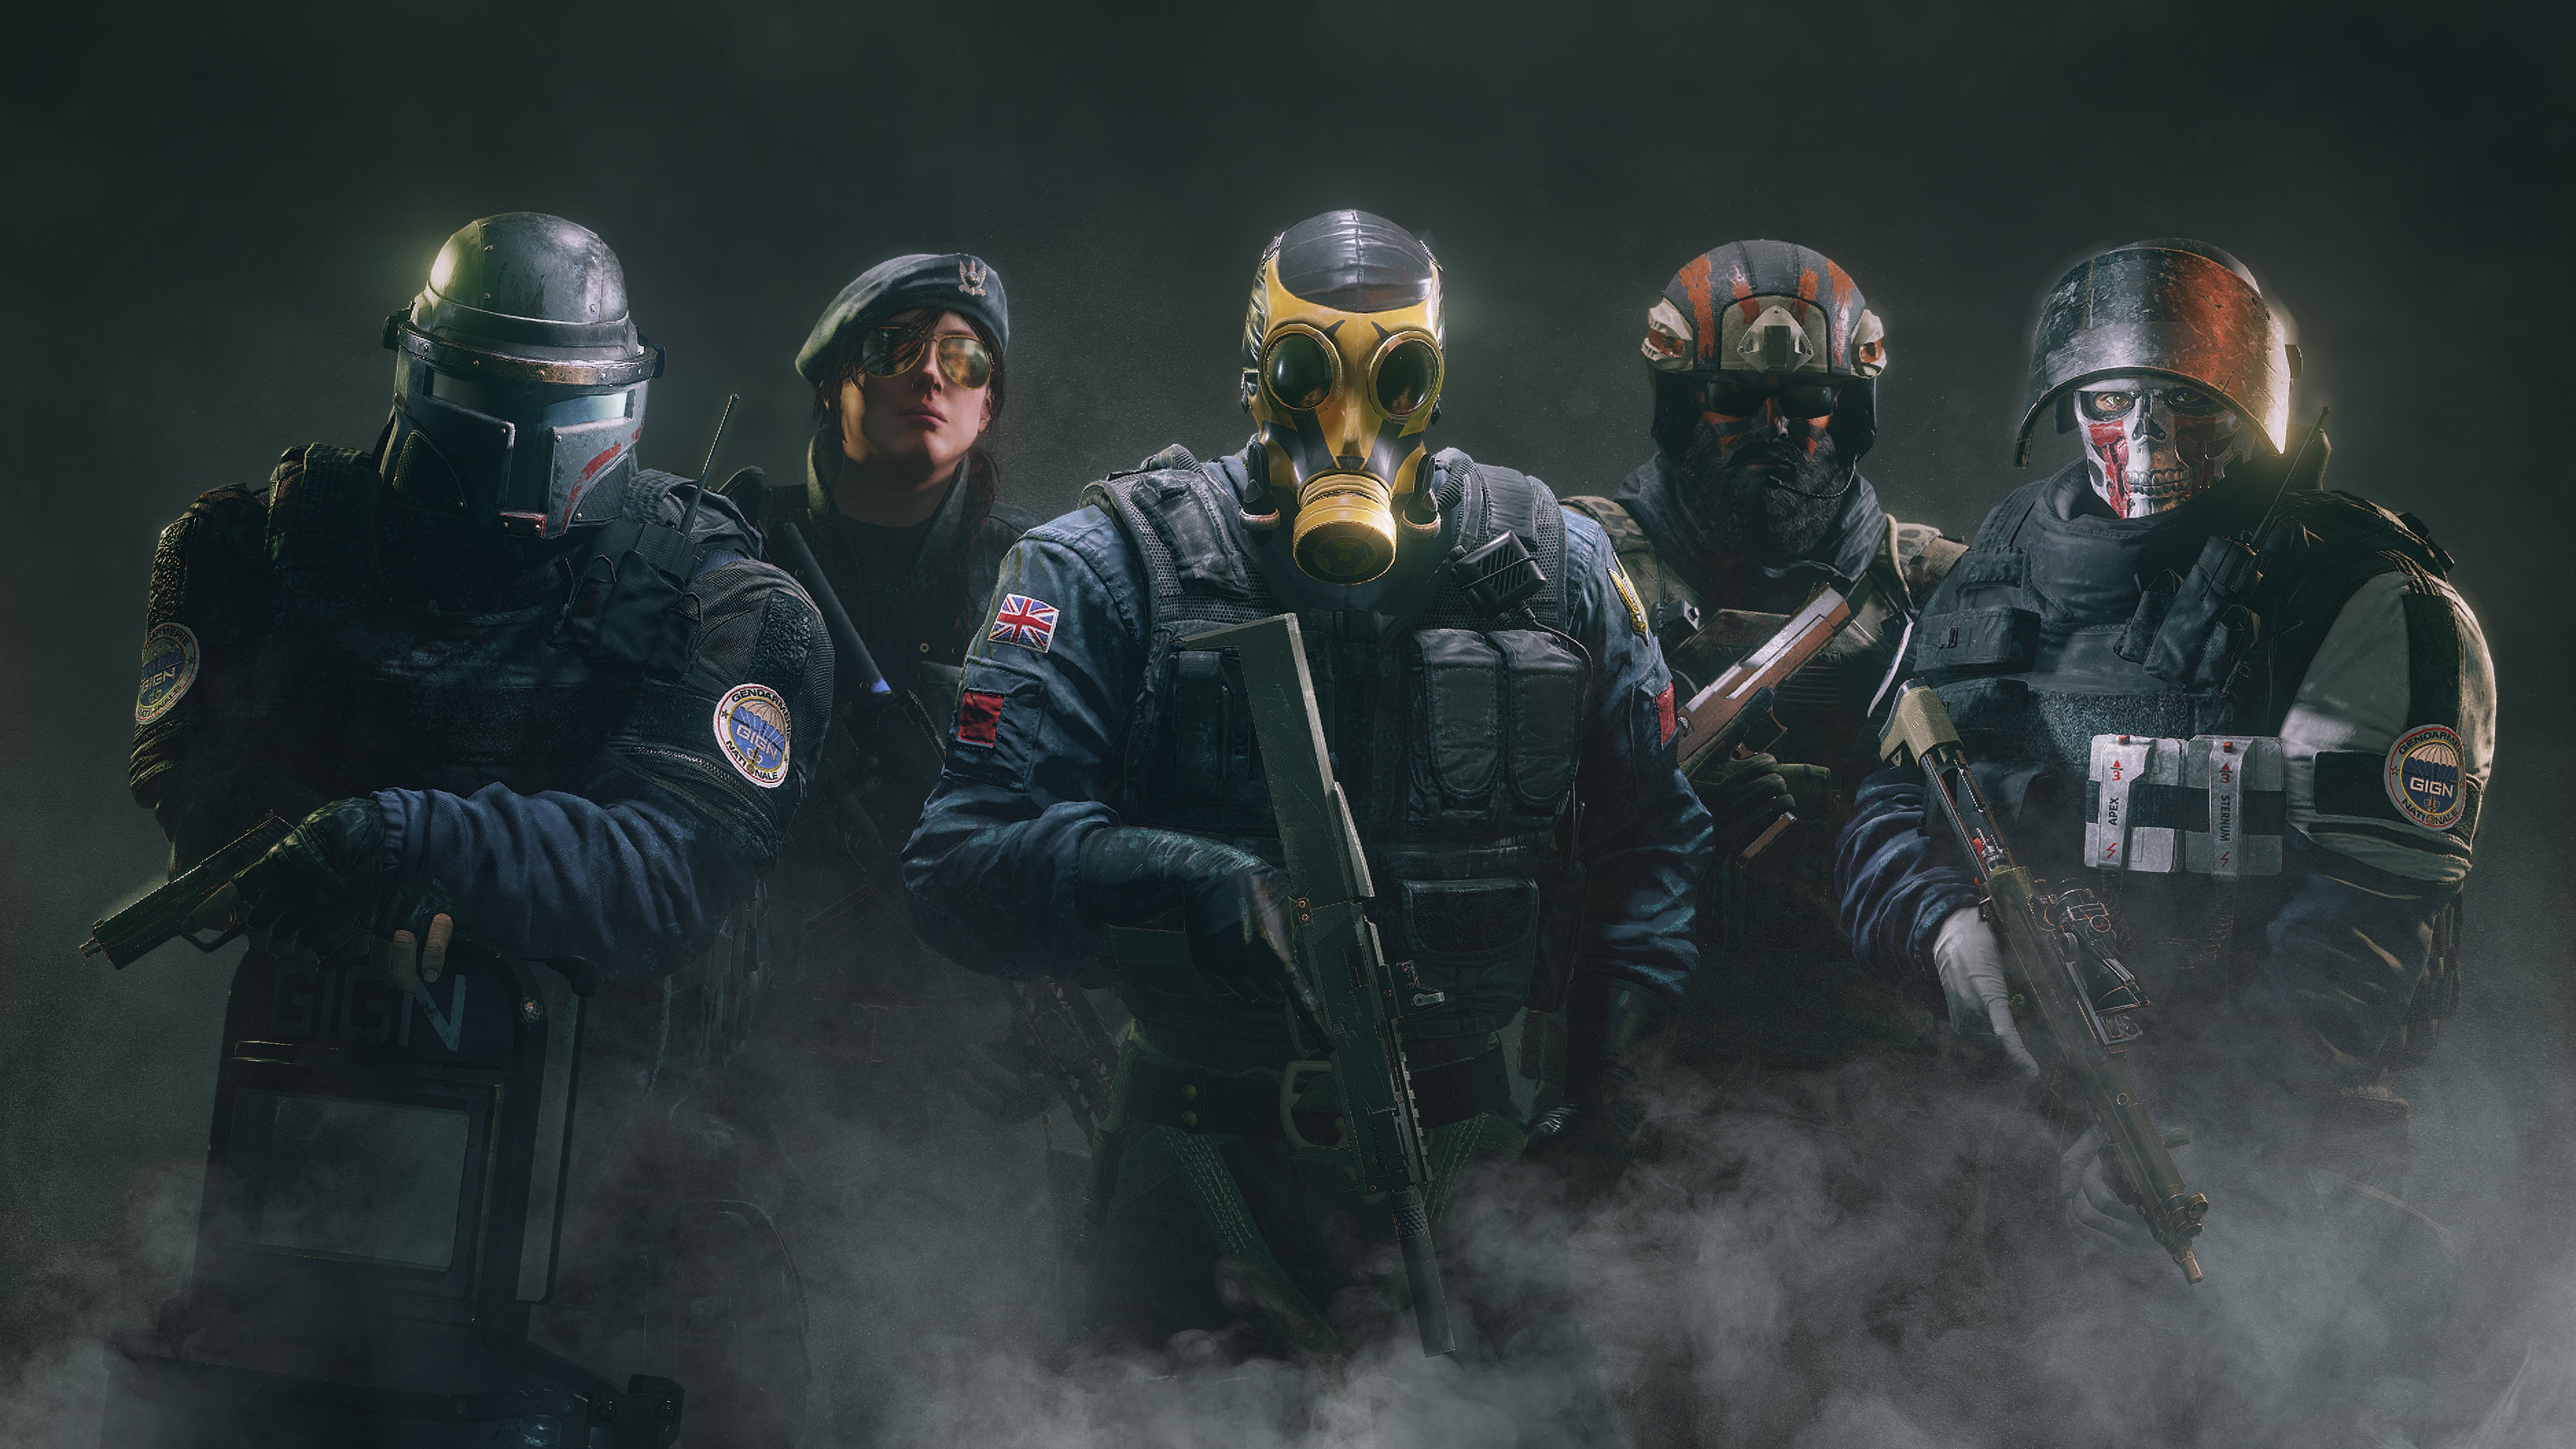 Tom Clancy's Rainbow Six: Siege Wallpaper